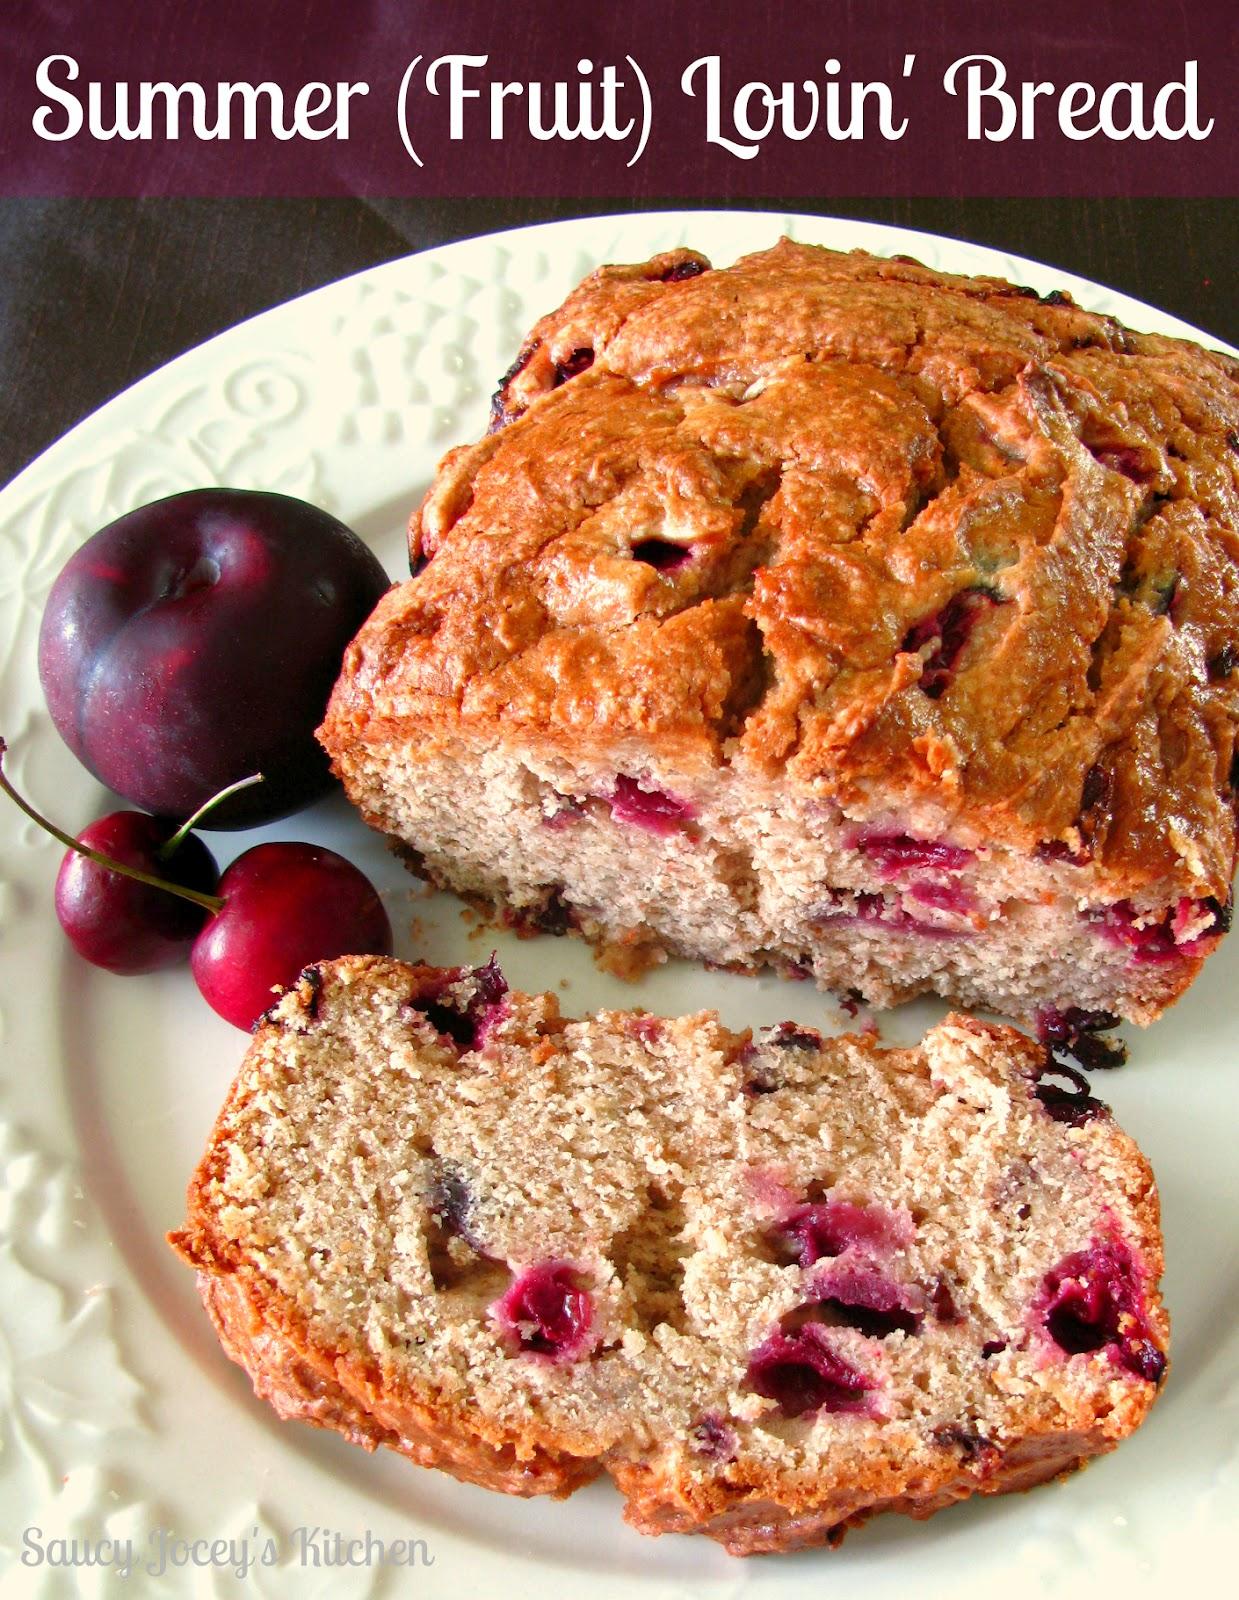 Summer (Fruit) Lovin' Bread